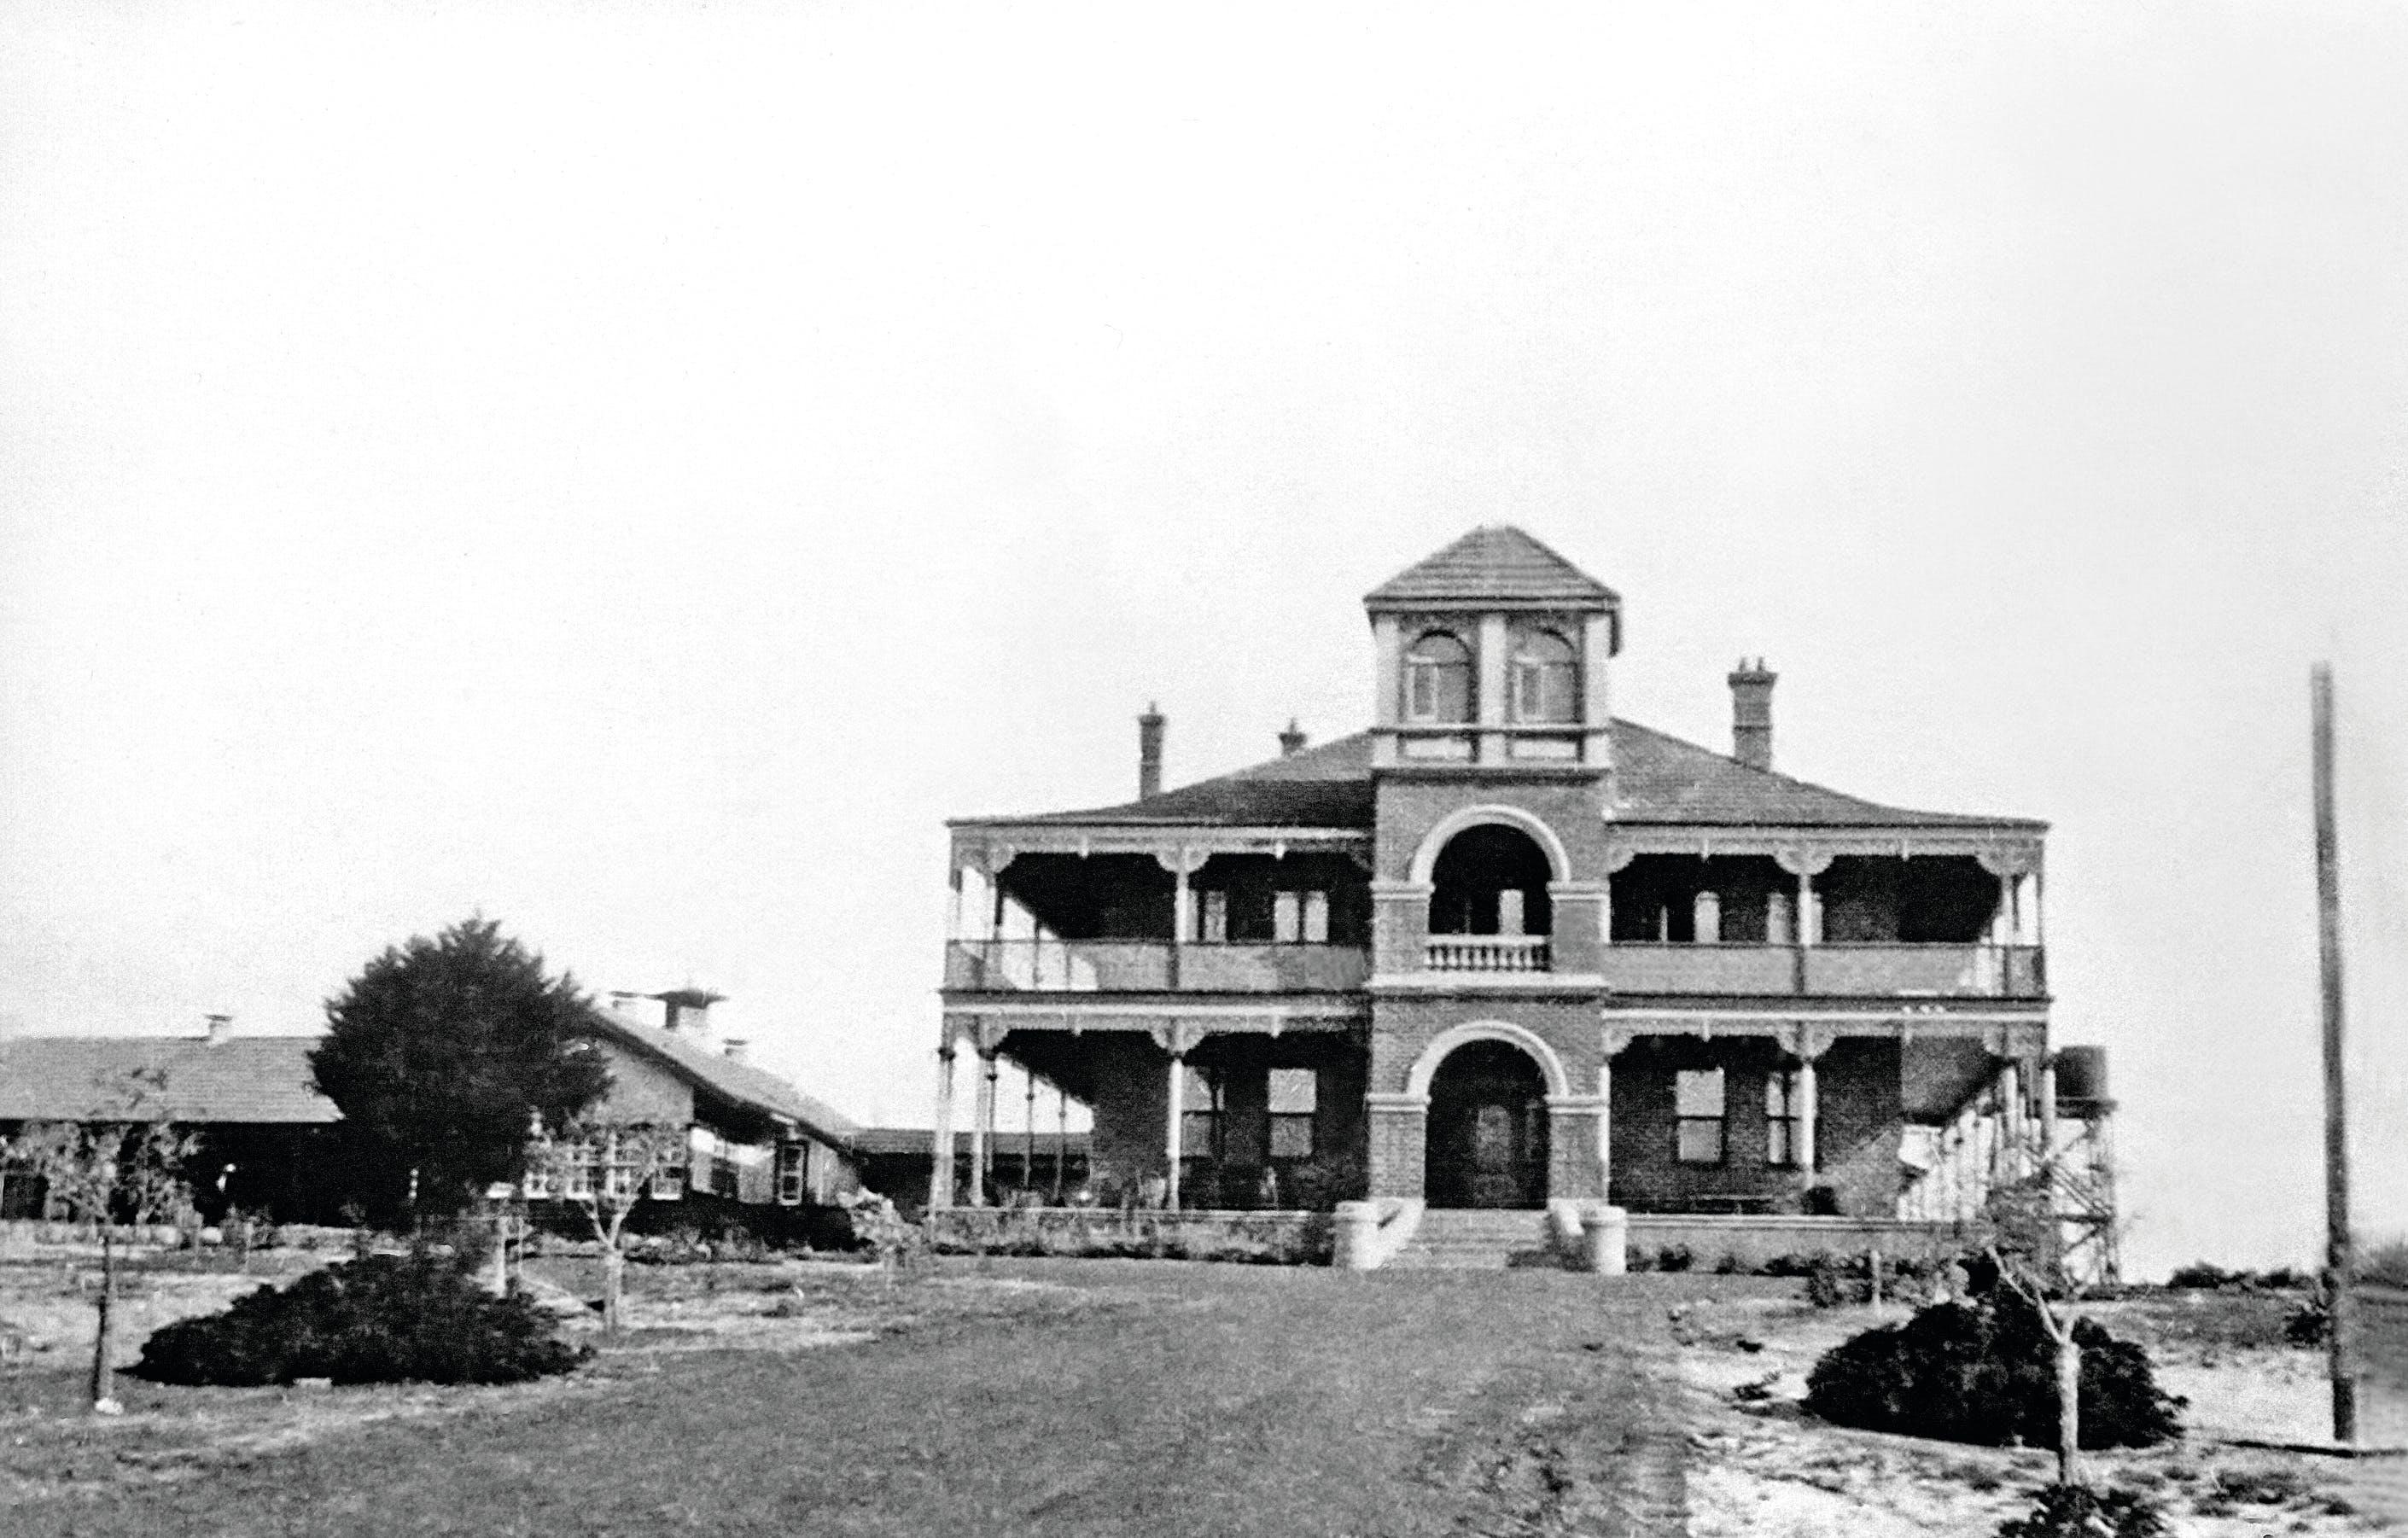 Edward Millen Home